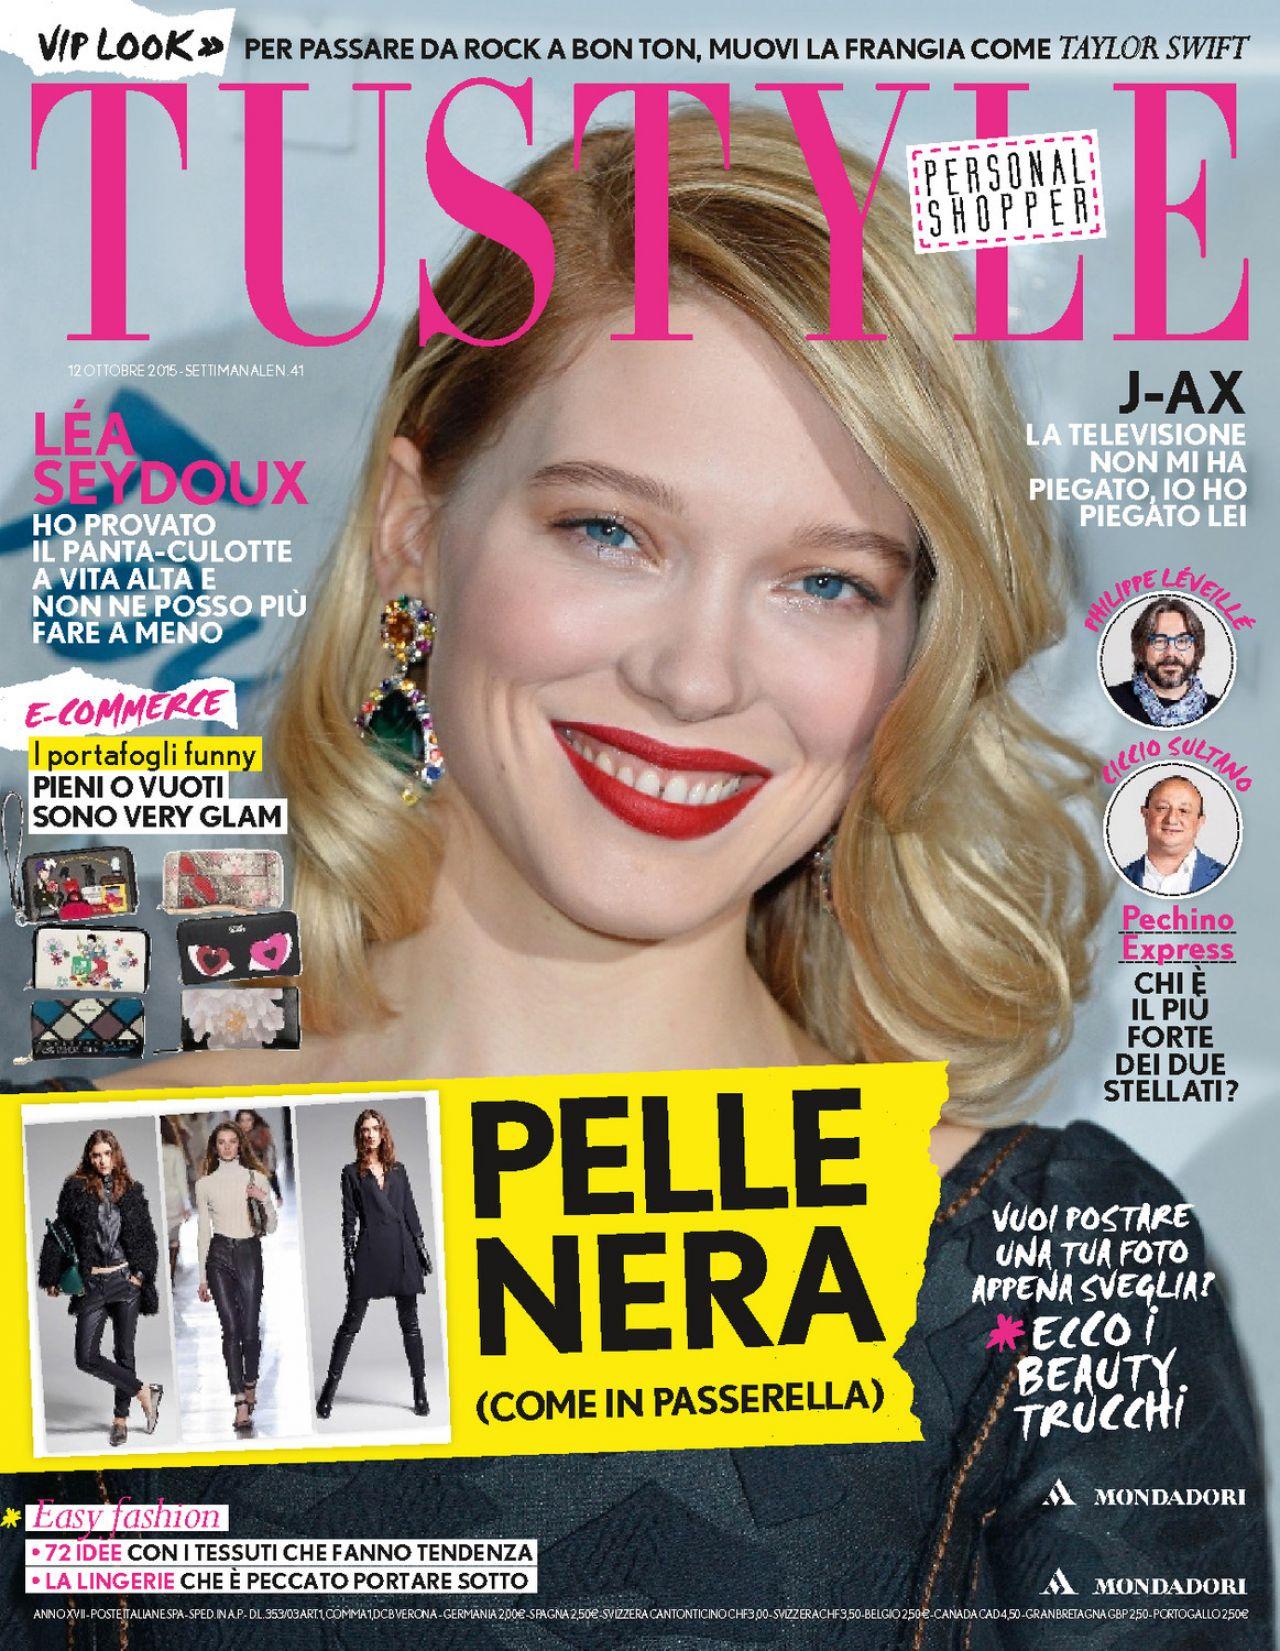 Tustyle Magazine November 2015 Issue: TuStyle Magazine October 2015 Issue